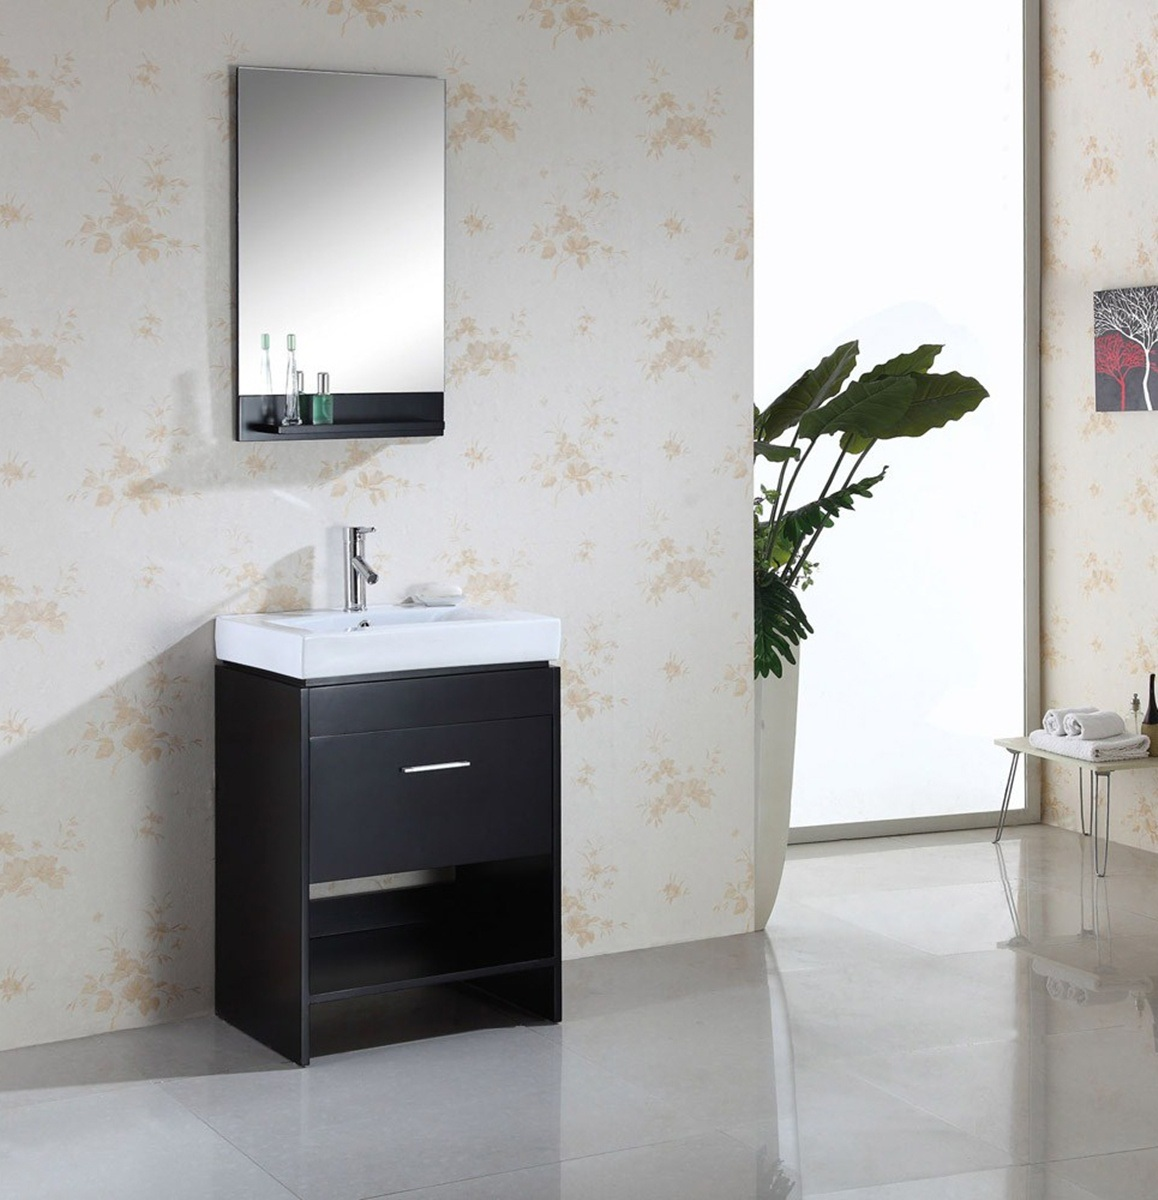 Armário de banheiro da madeira contínua/mobília/vaidade (MJ 272  #625D4E 1158 1200